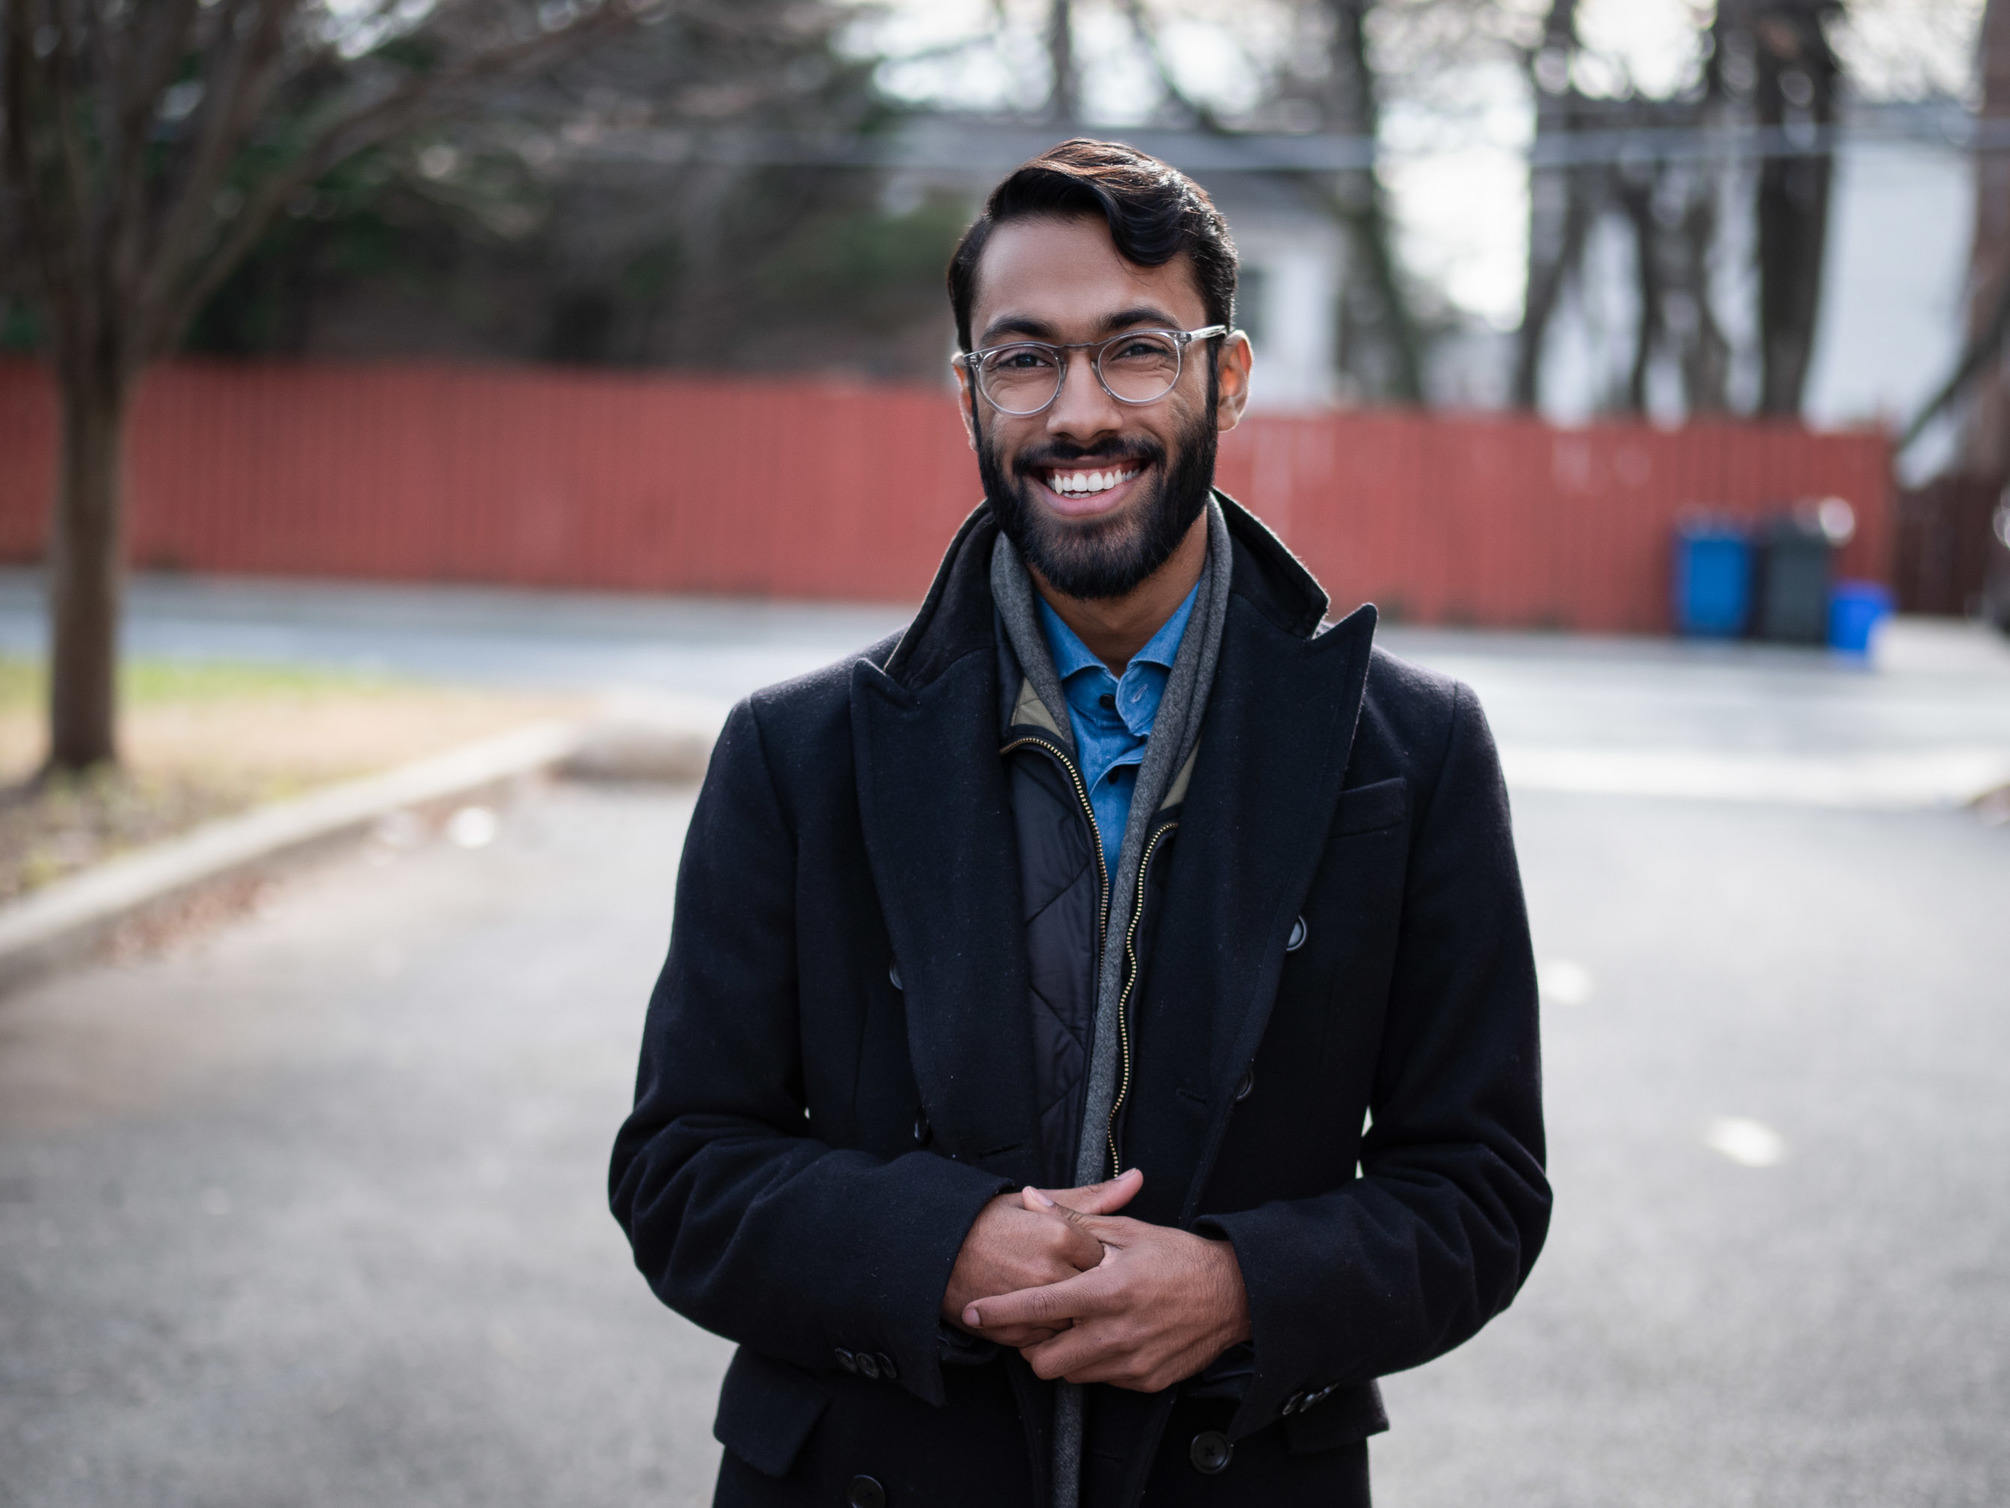 Rajesh wearing a wool topcoat